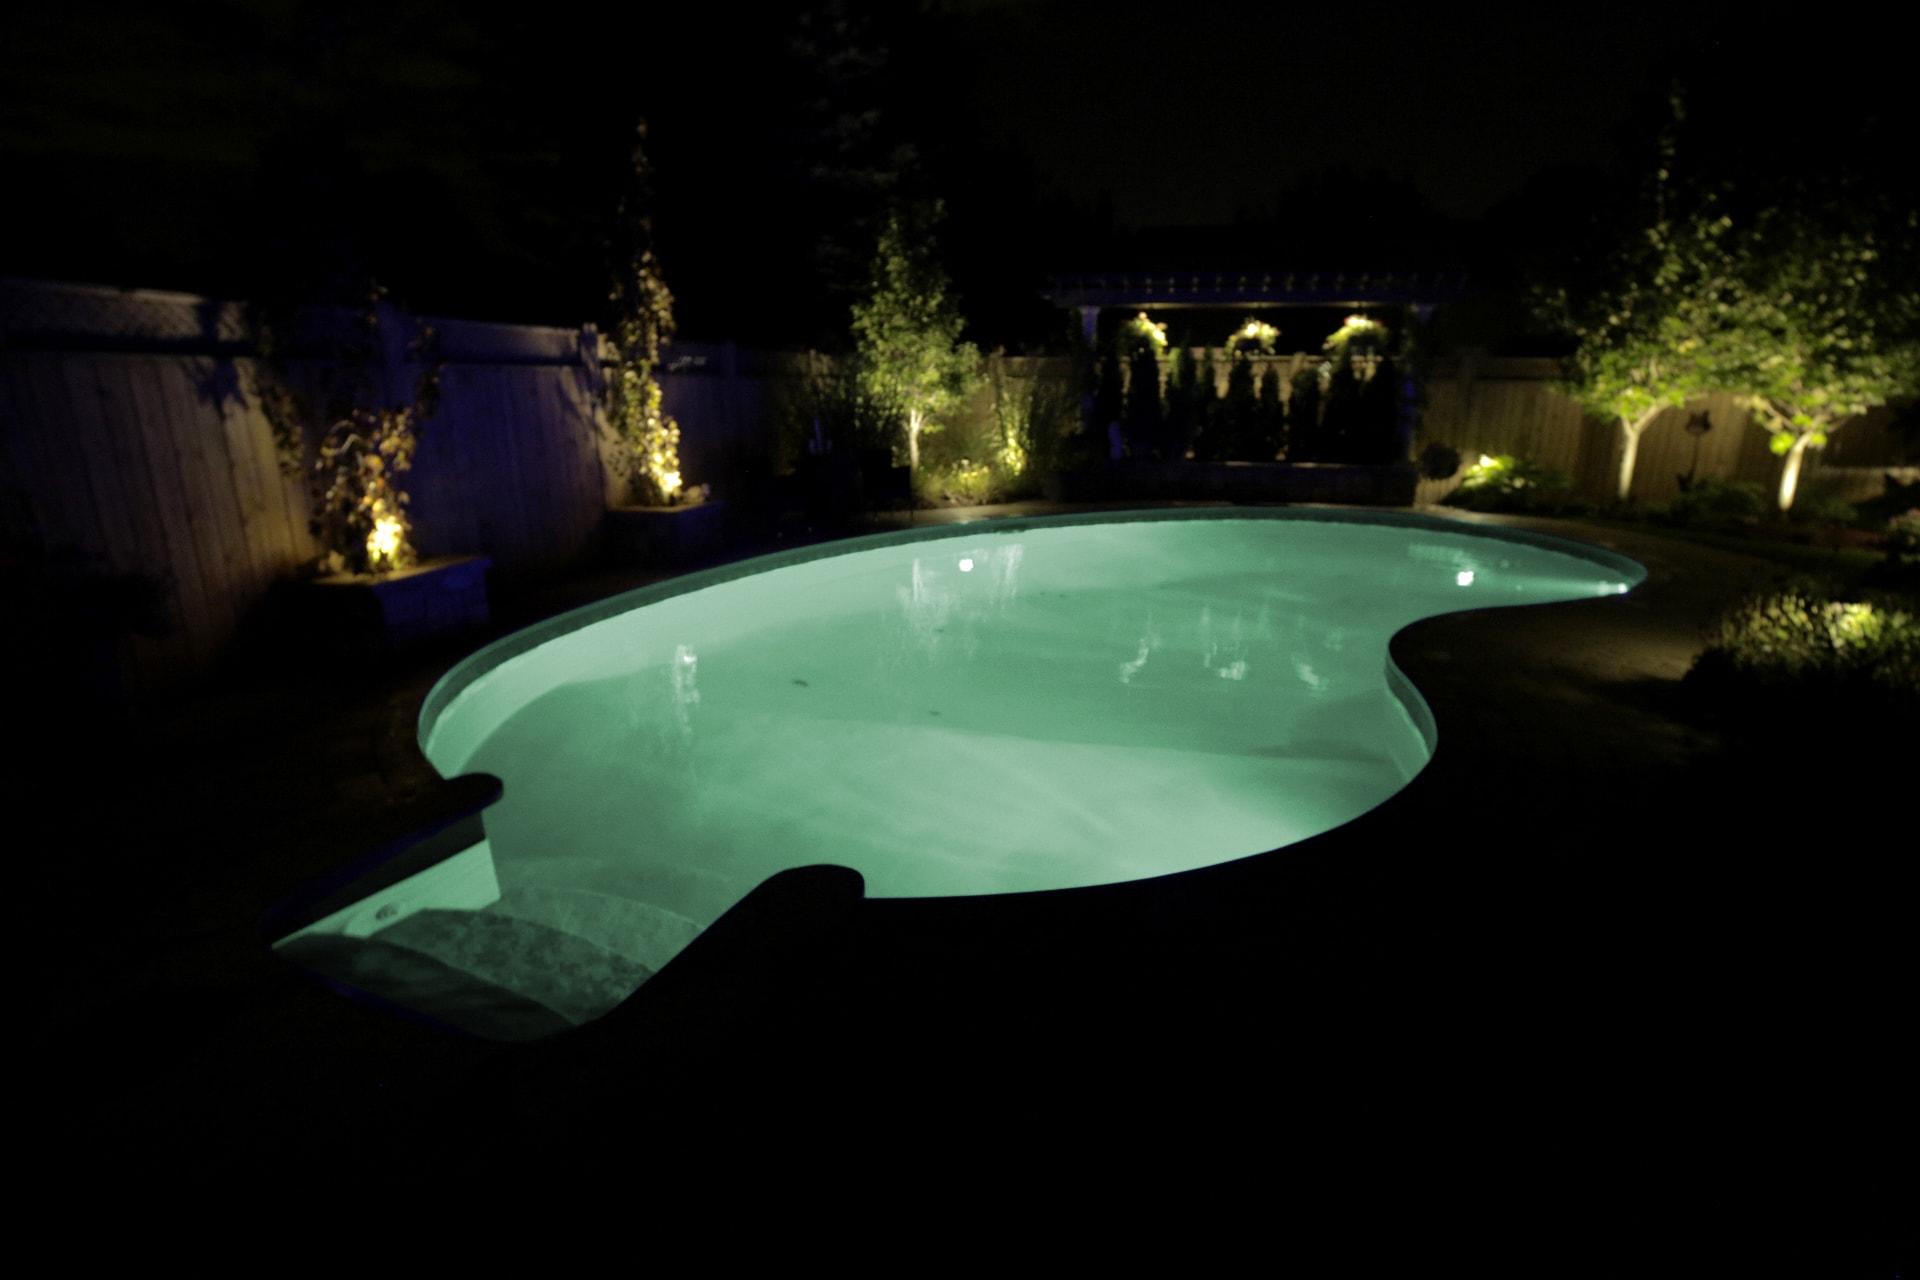 underwater inground pool lights amoray 12v underwater leds. Black Bedroom Furniture Sets. Home Design Ideas